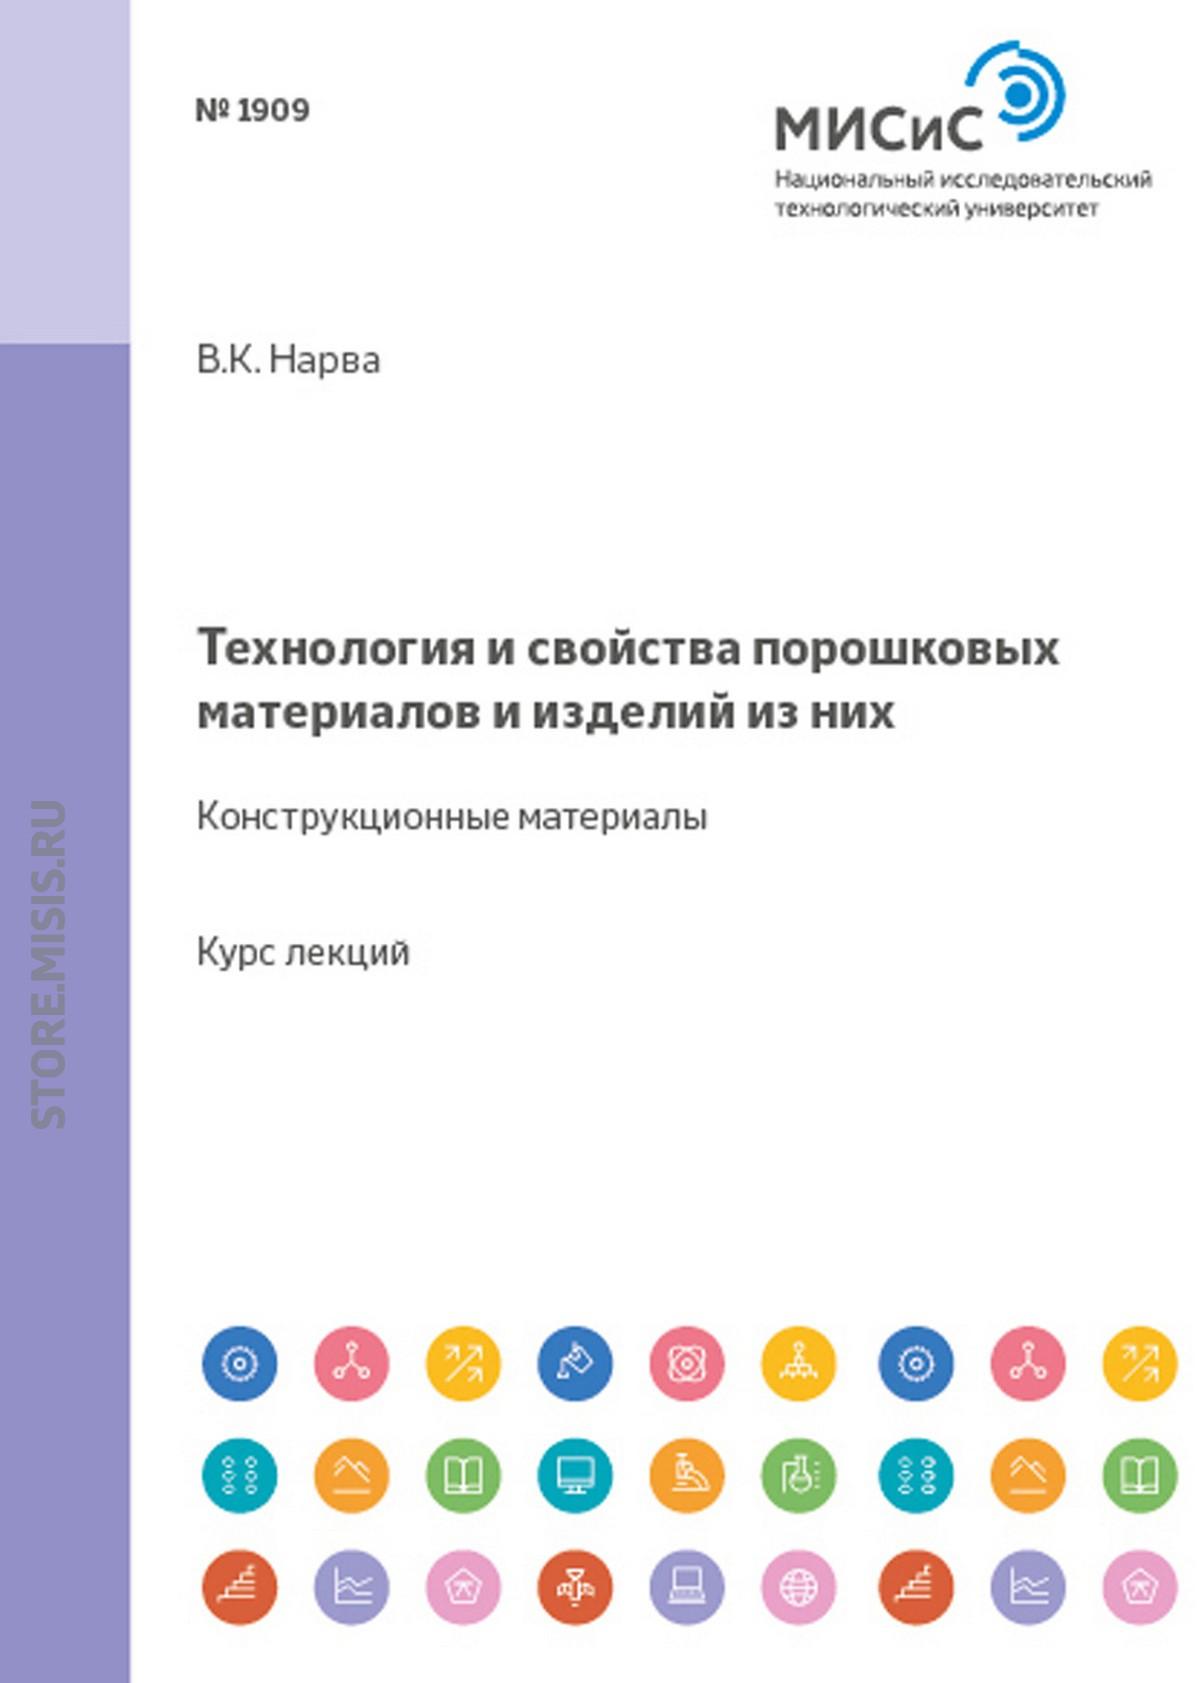 Валентина Нарва Технология и свойства порошковых материалов и изделий из них. Конструкционные материалы